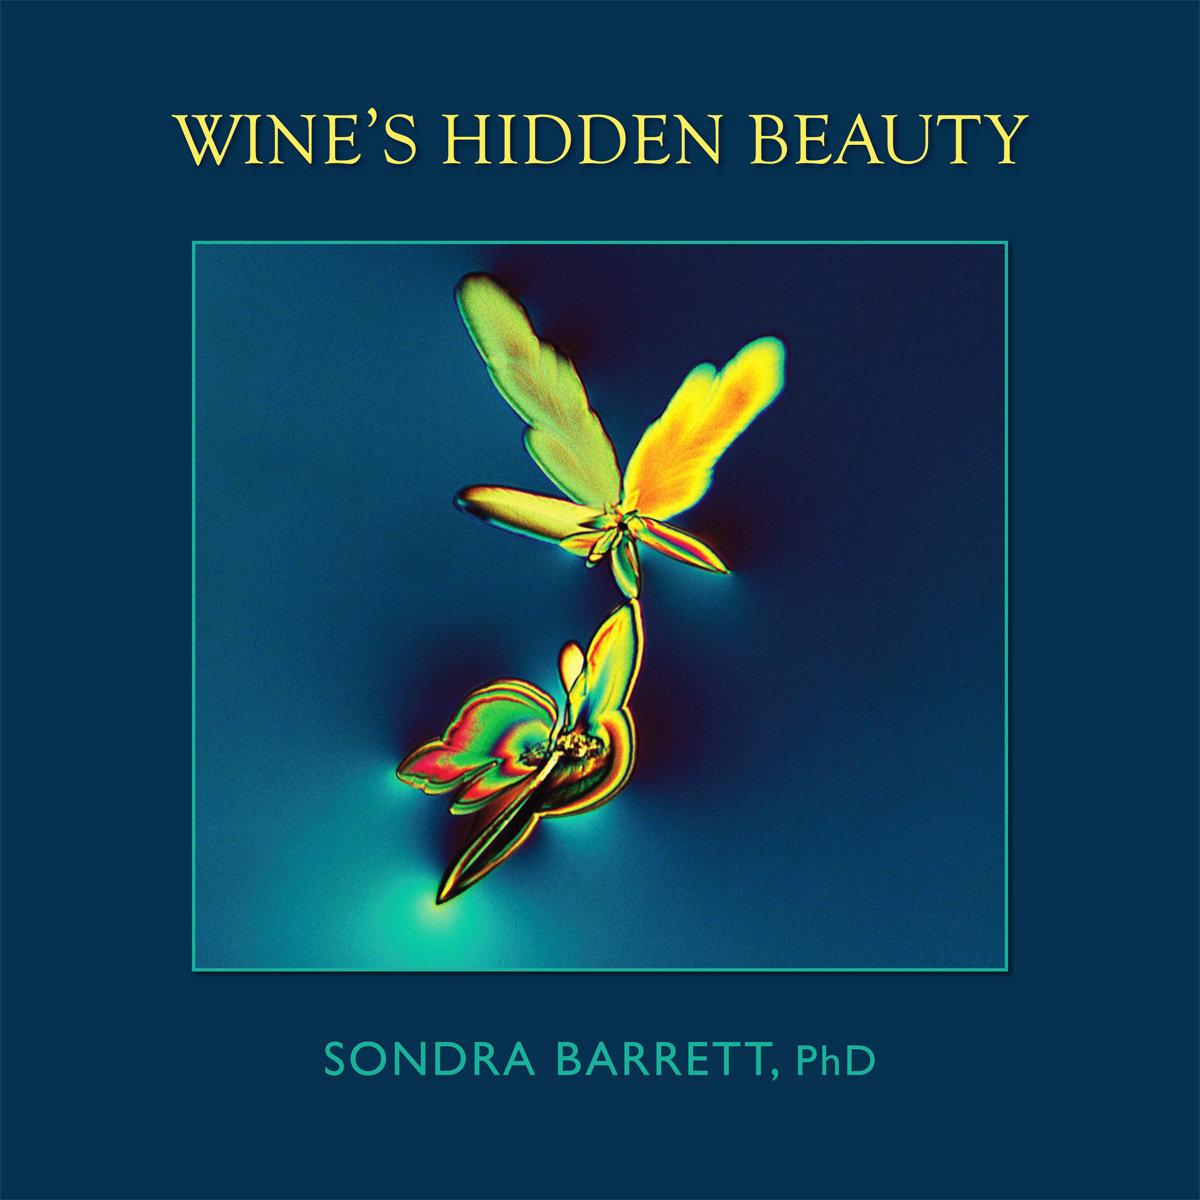 Wine's Hidden Beauty Book